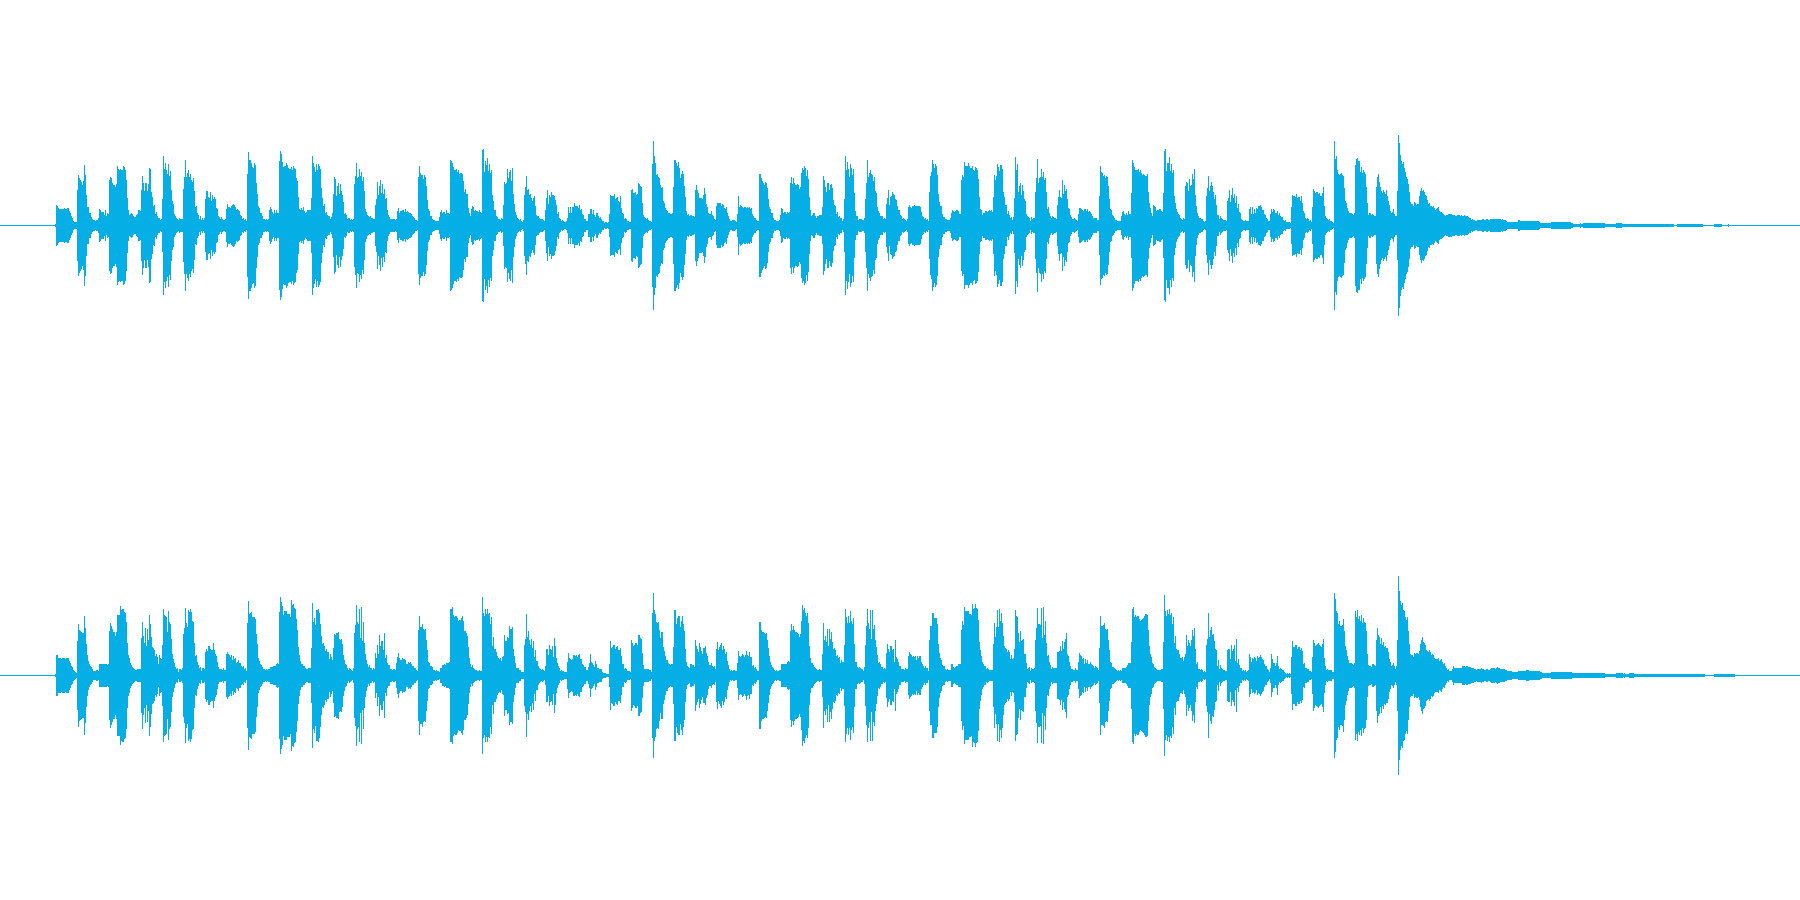 リズミカルなエレピのジングルの再生済みの波形